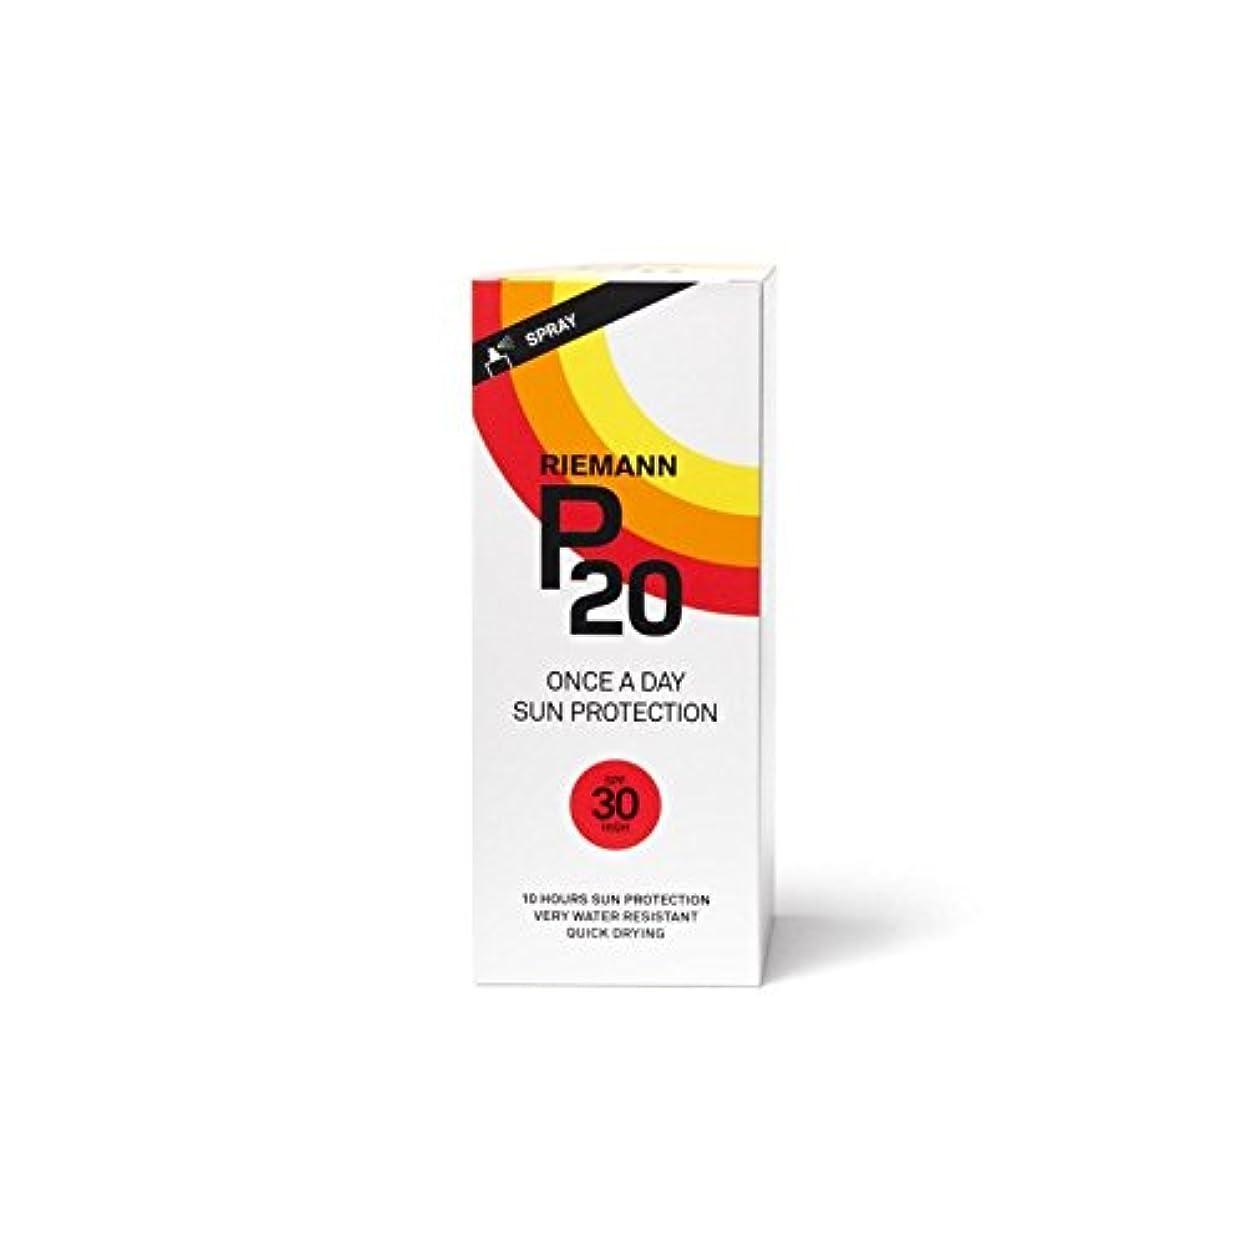 Riemann P20 Sun Filter 200ml SPF30 (Pack of 6) - リーマン20のサンフィルター200ミリリットル30 x6 [並行輸入品]